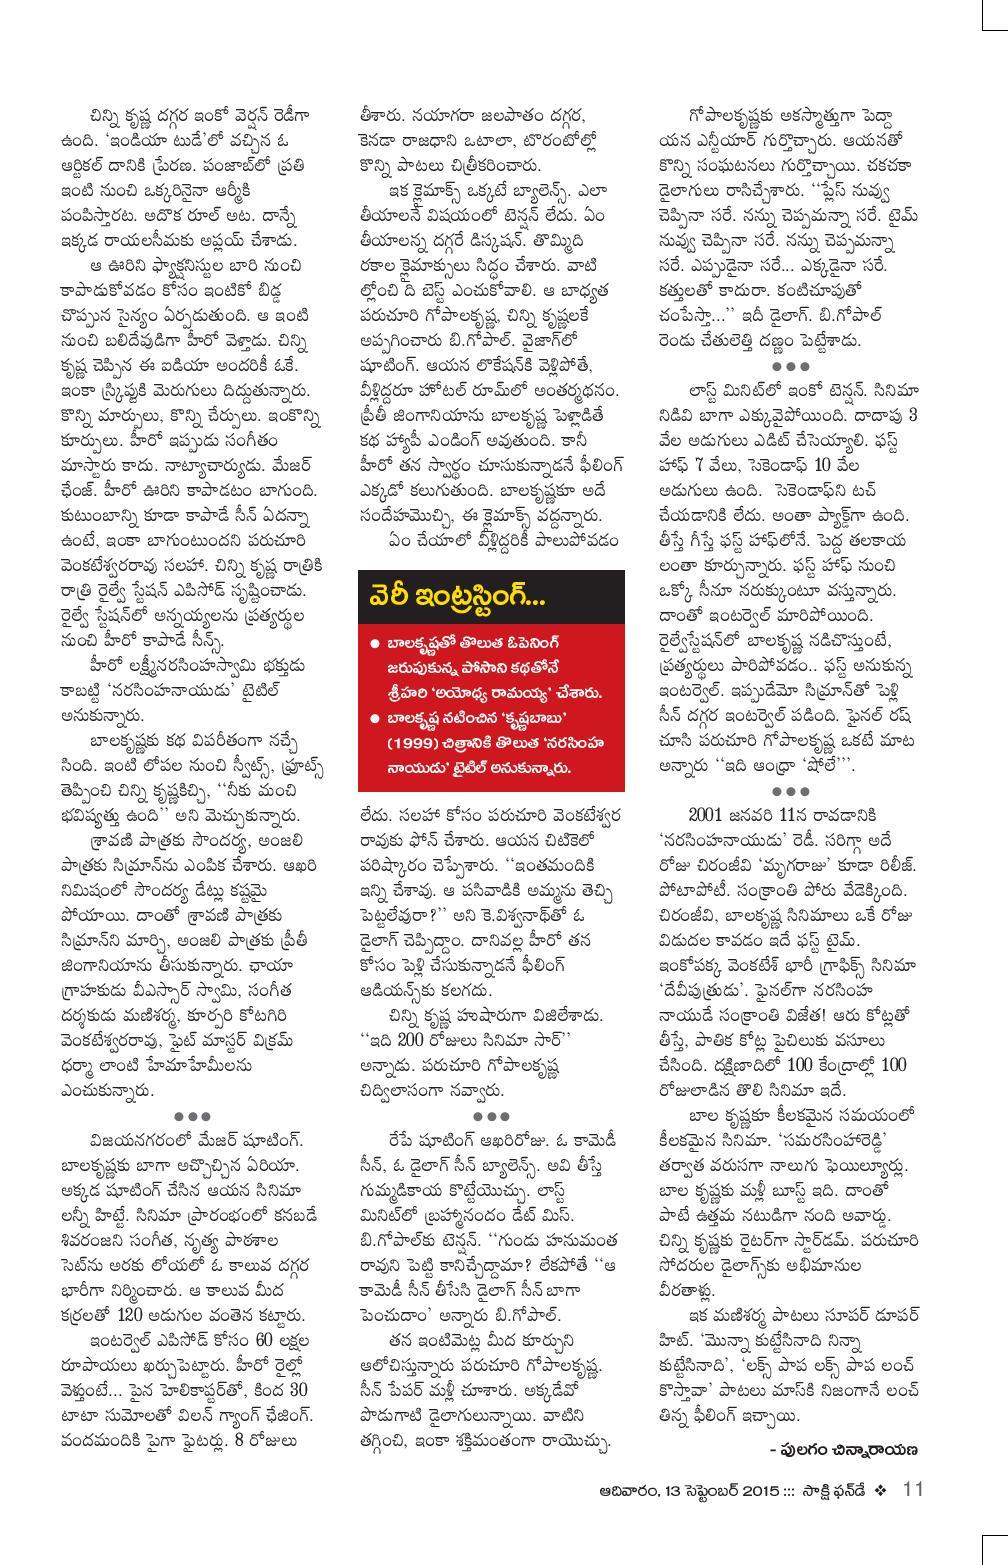 Cinema Venuka Story_NarasimhaNaidu_Funday (13-09-2015)-page-002